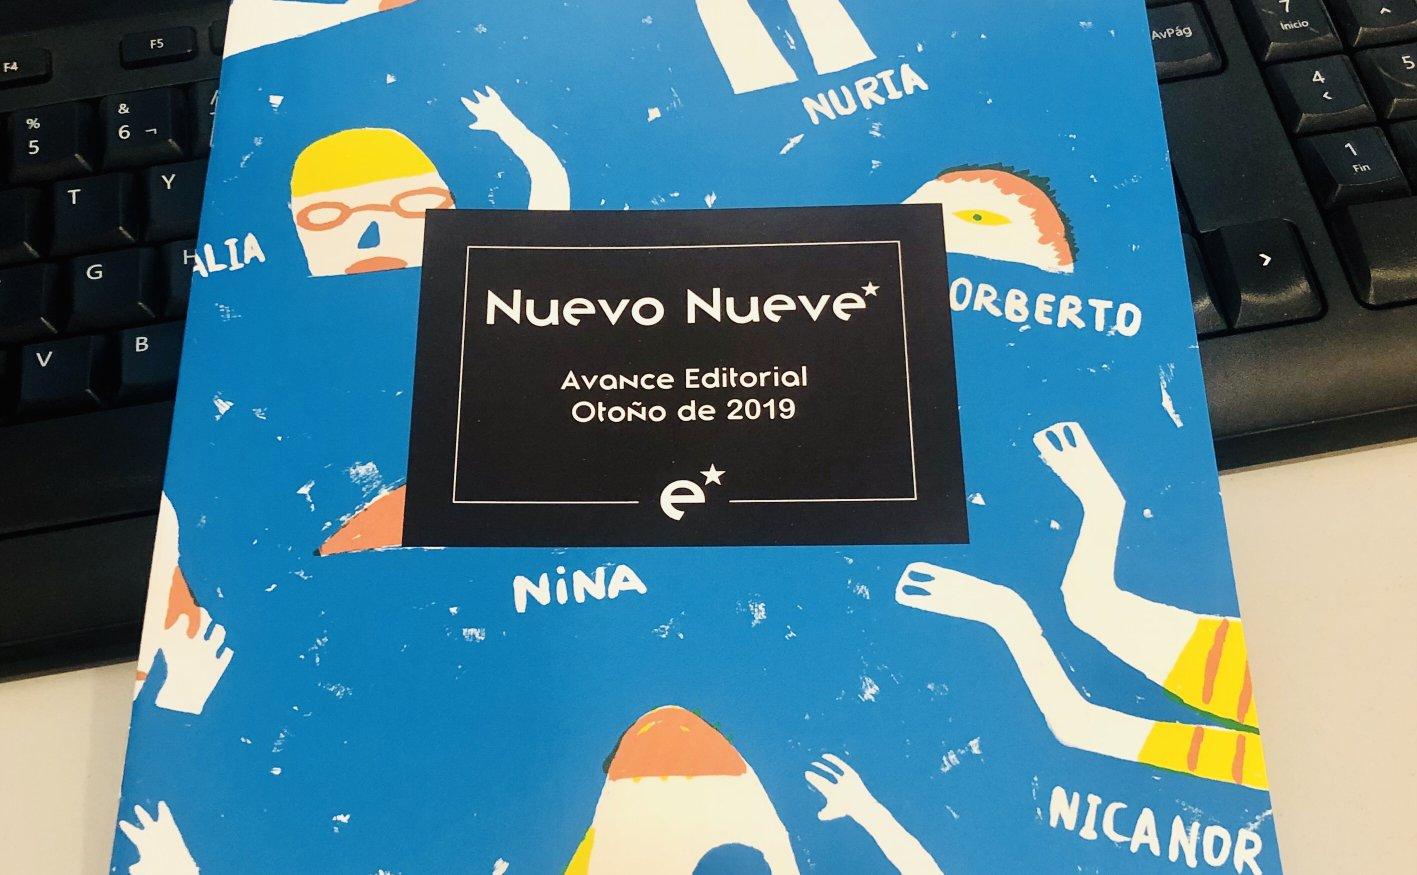 Avance Editorial de Nuevo Nueve para Otoño de 2019